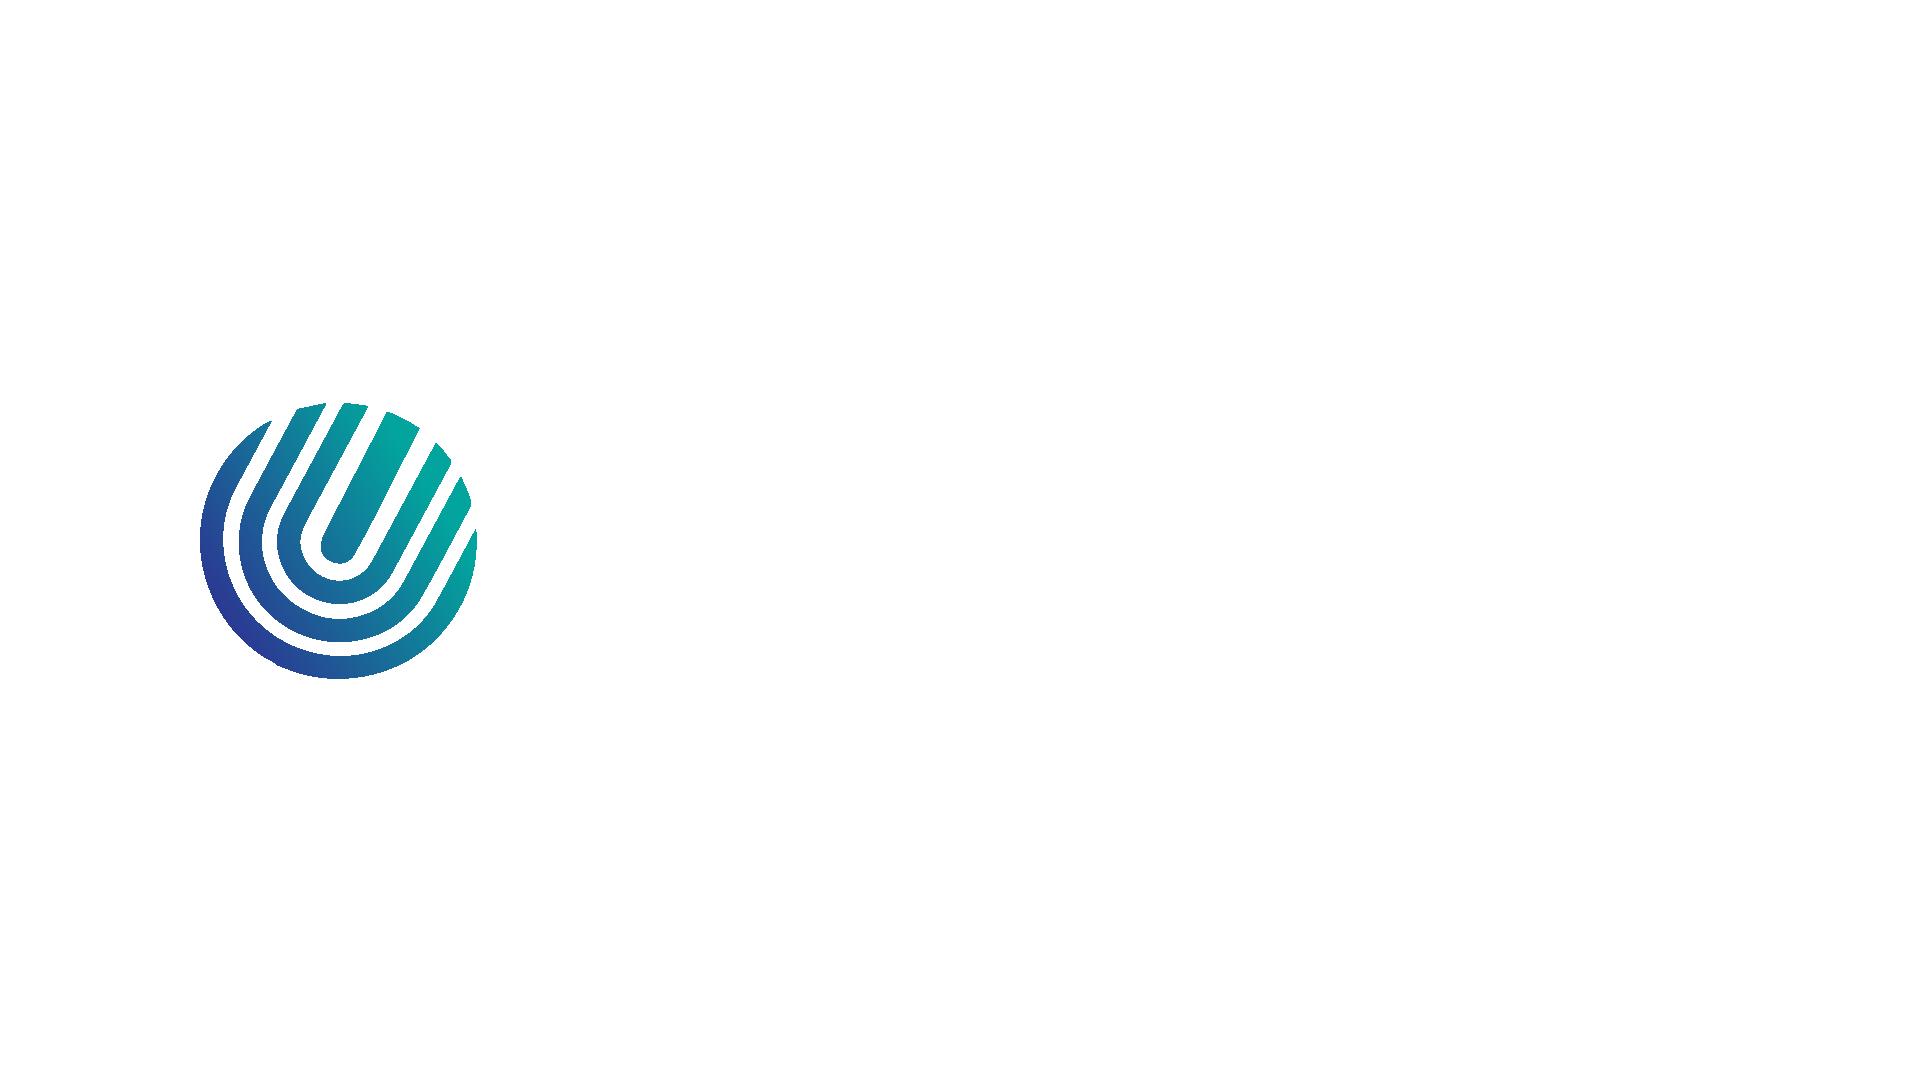 Blog da Fractos | Vamos atingir seus objetivos por meio de histórias, ideias e exemplos práticos sobre gestão de negócios.